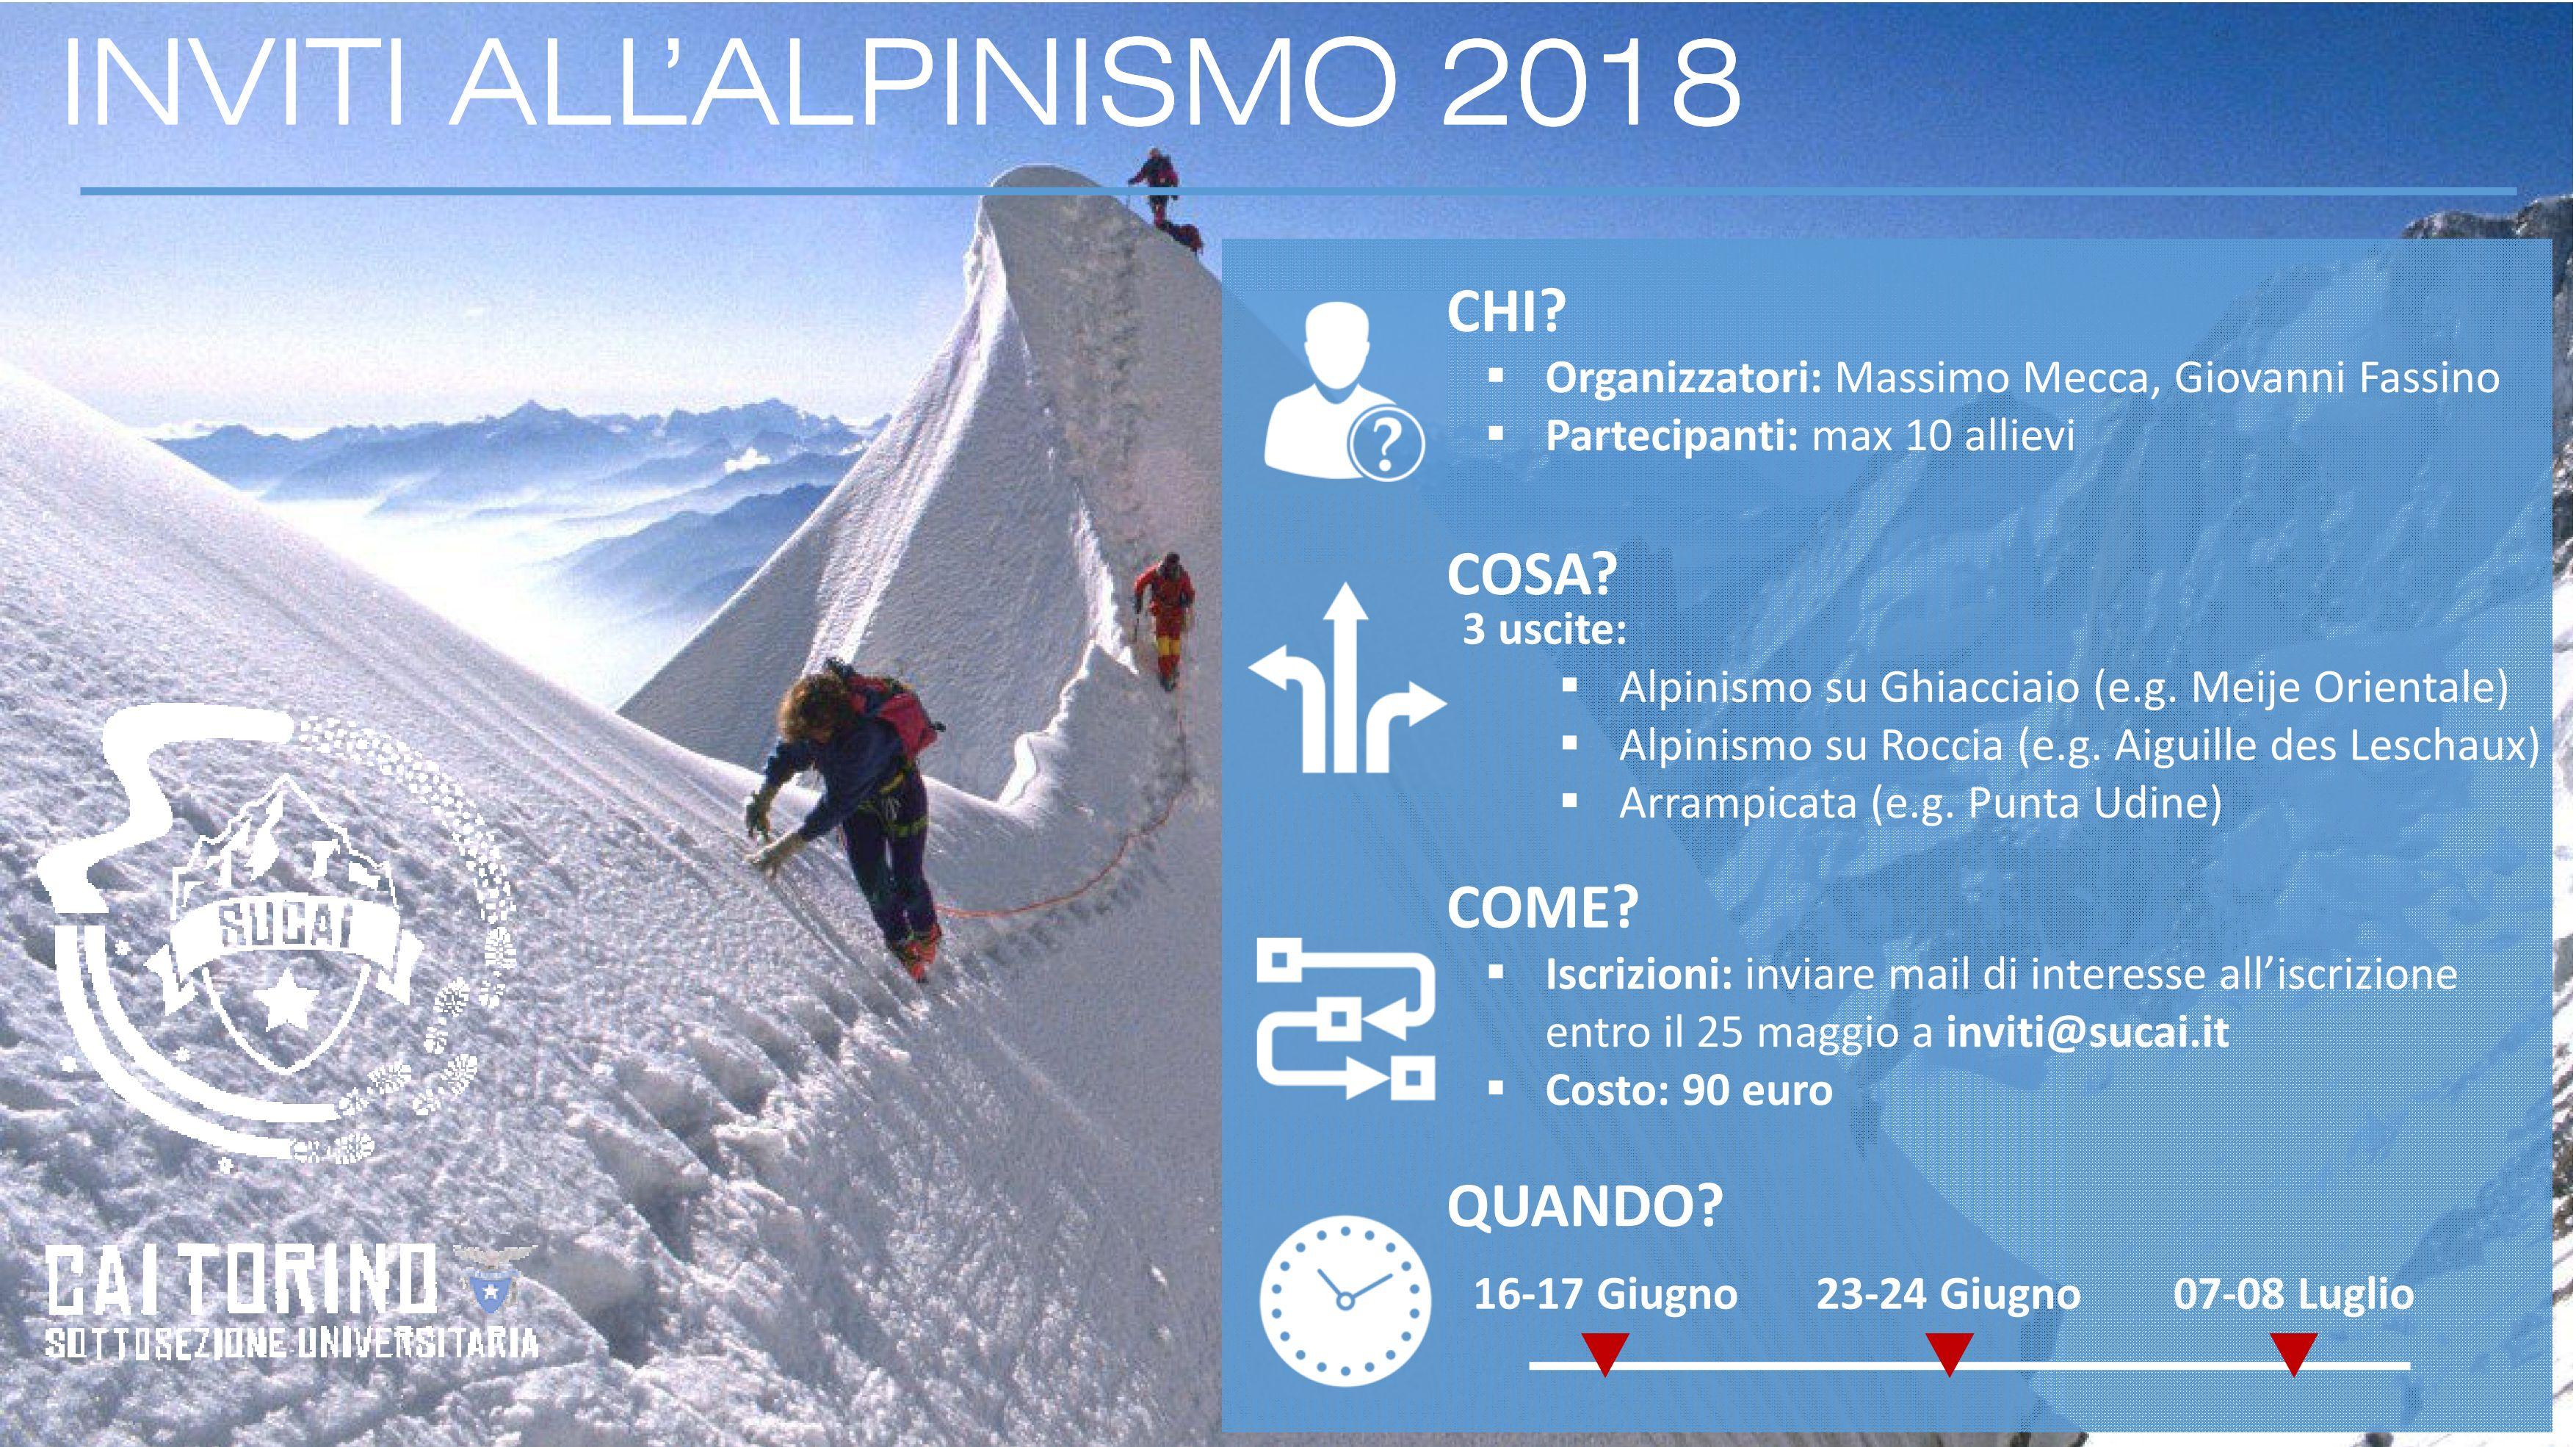 Presentazione Inviti Alpinismo 20181